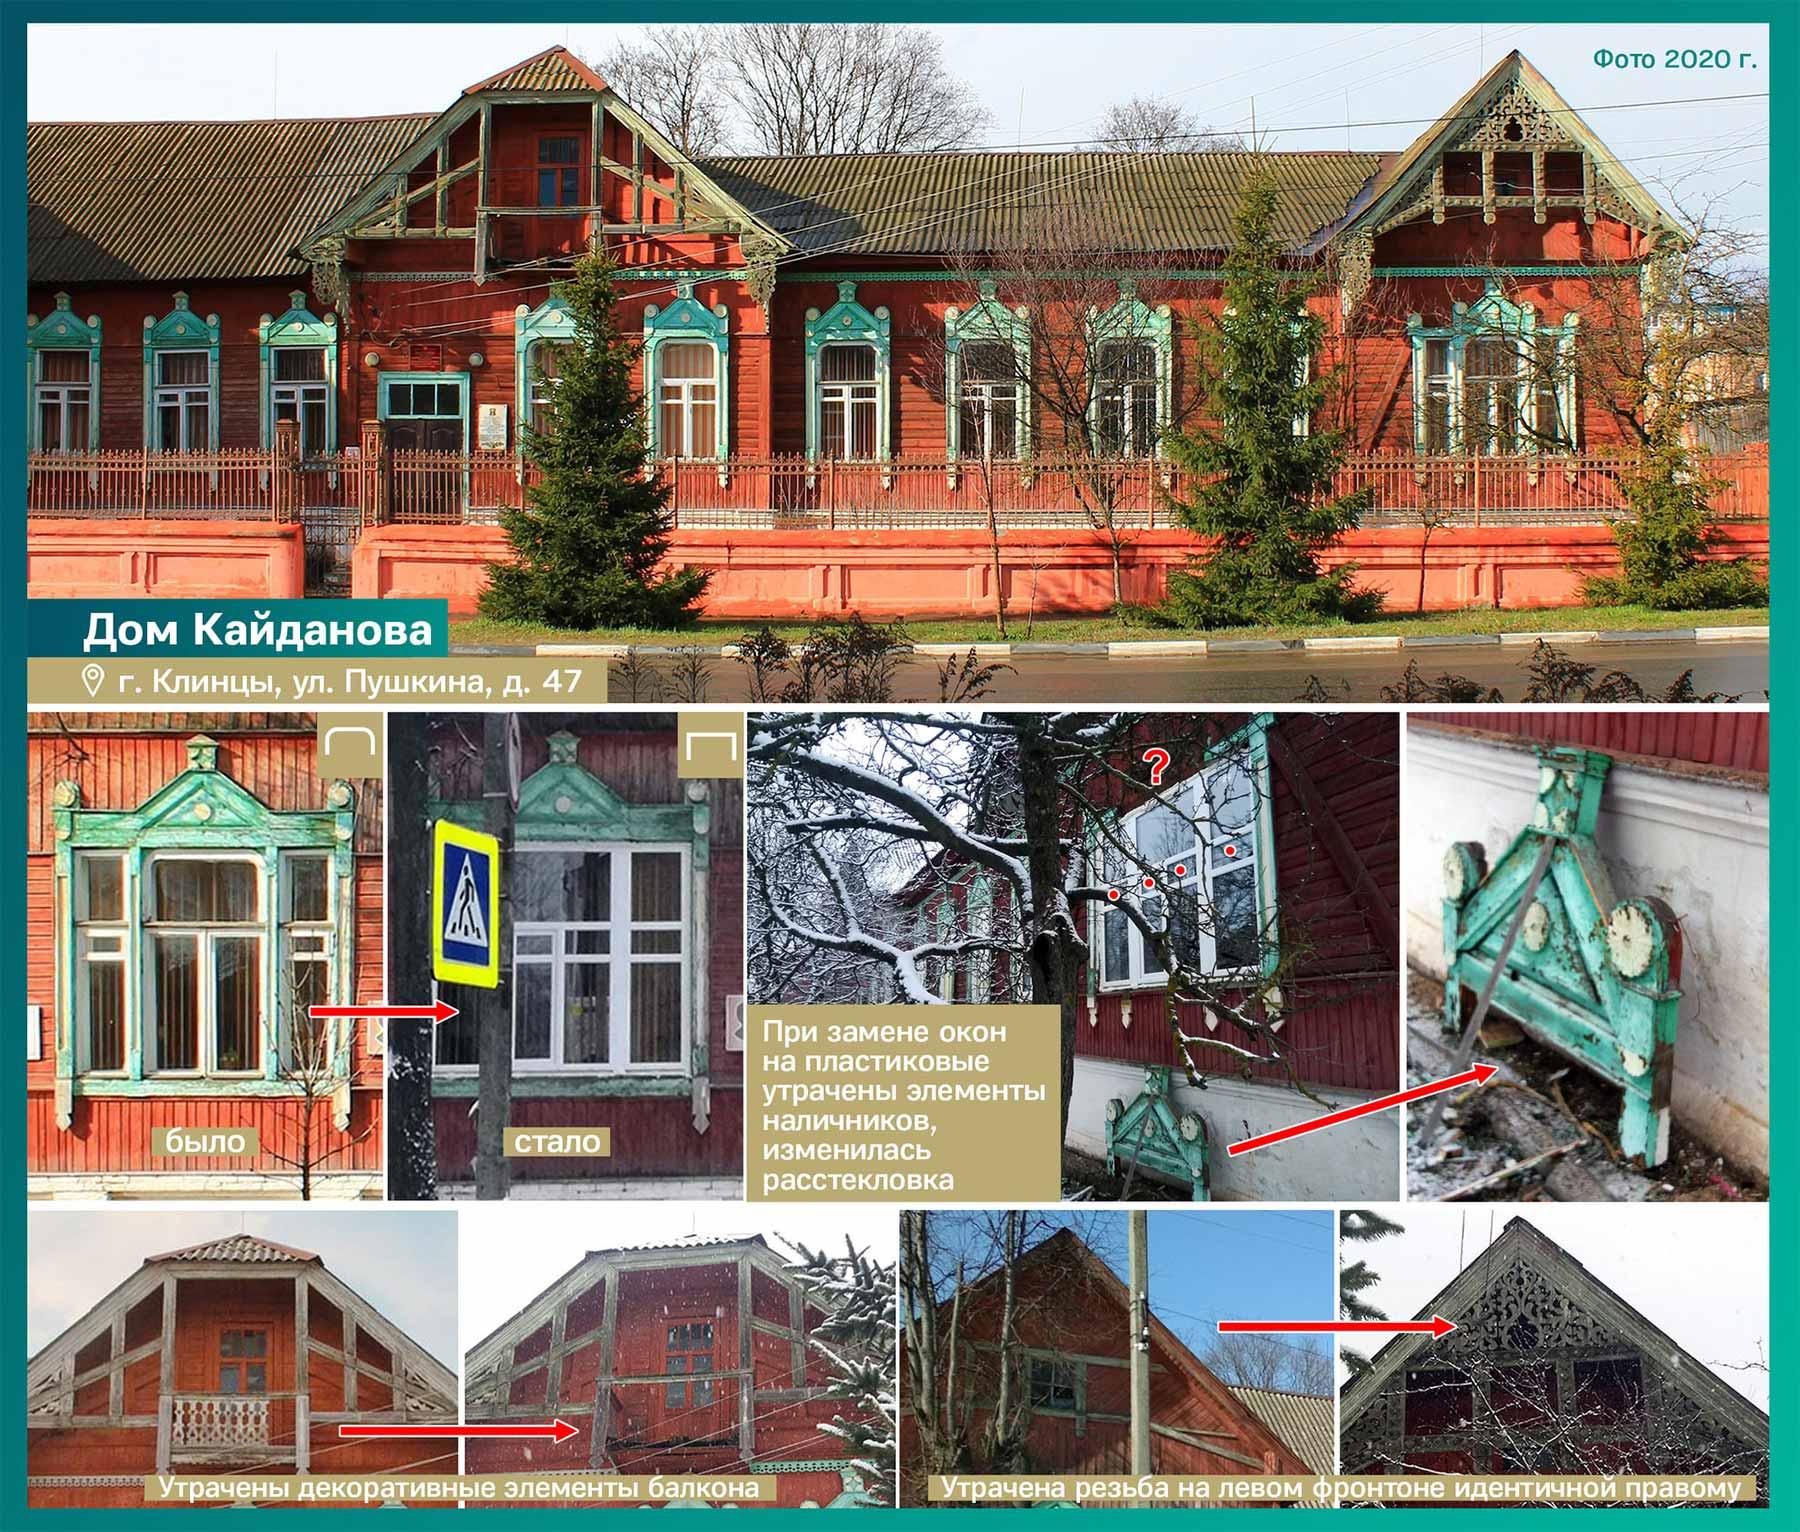 Активисты в Клинцах заметили повреждение декоративных элементов на памятники культуры